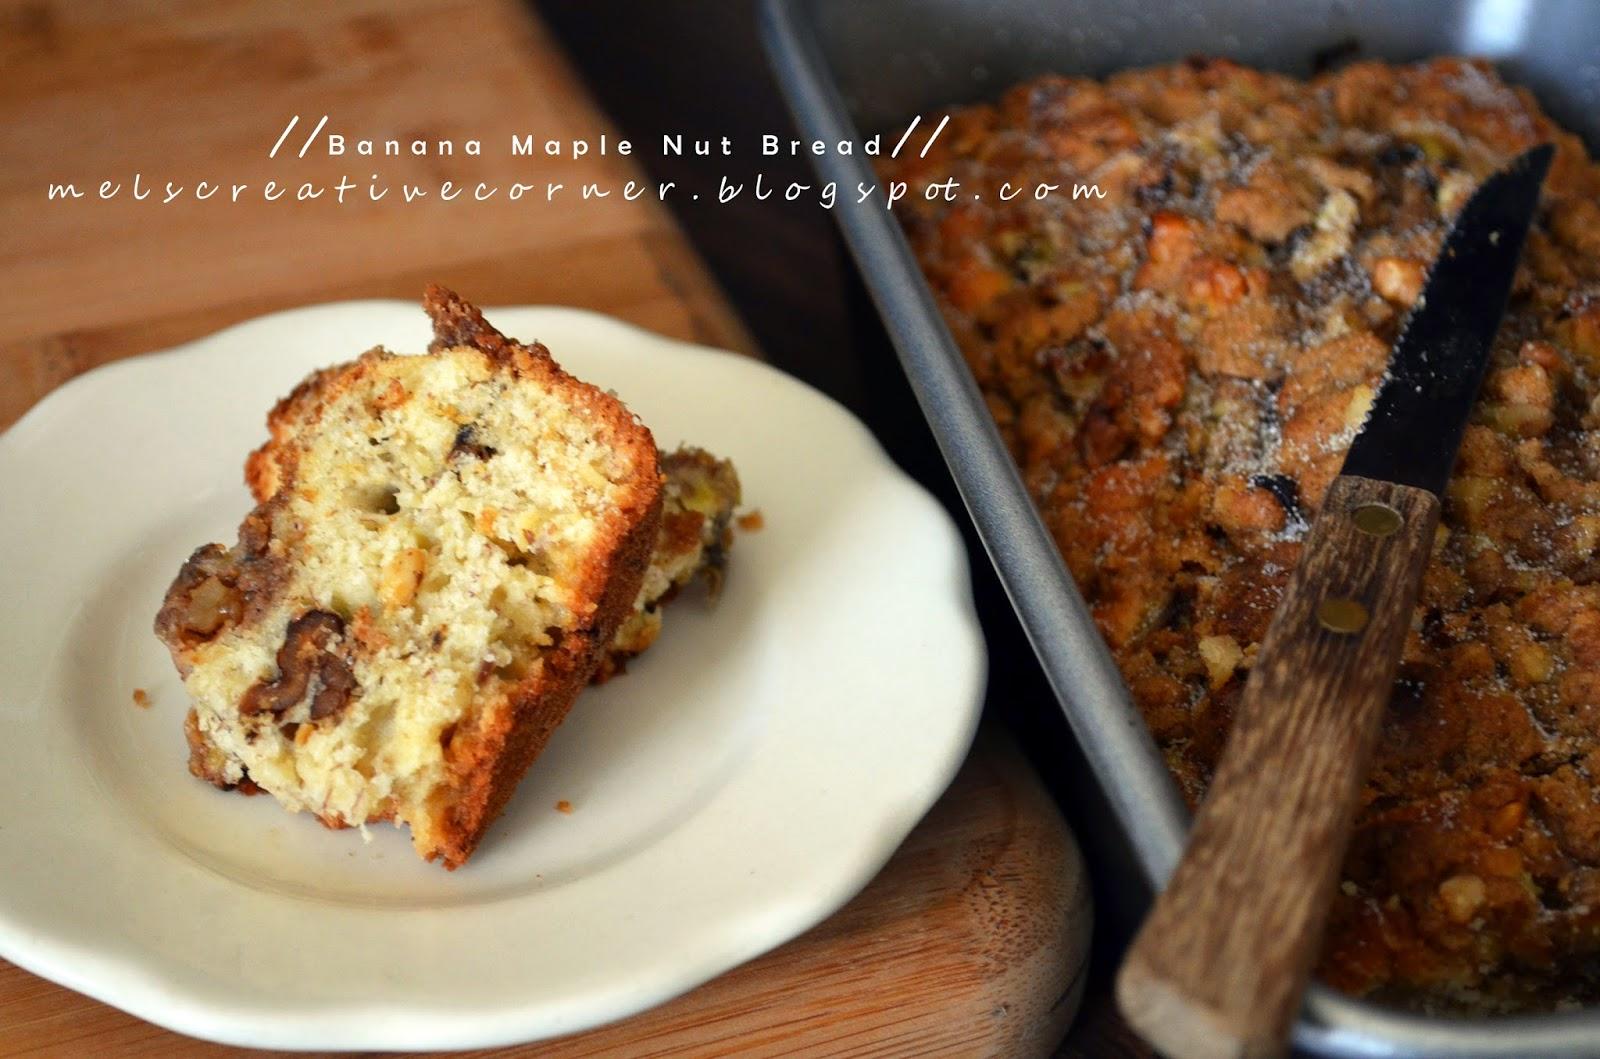 Mel's Creative Corner: Banana Maple Nut Bread (Muffin)!